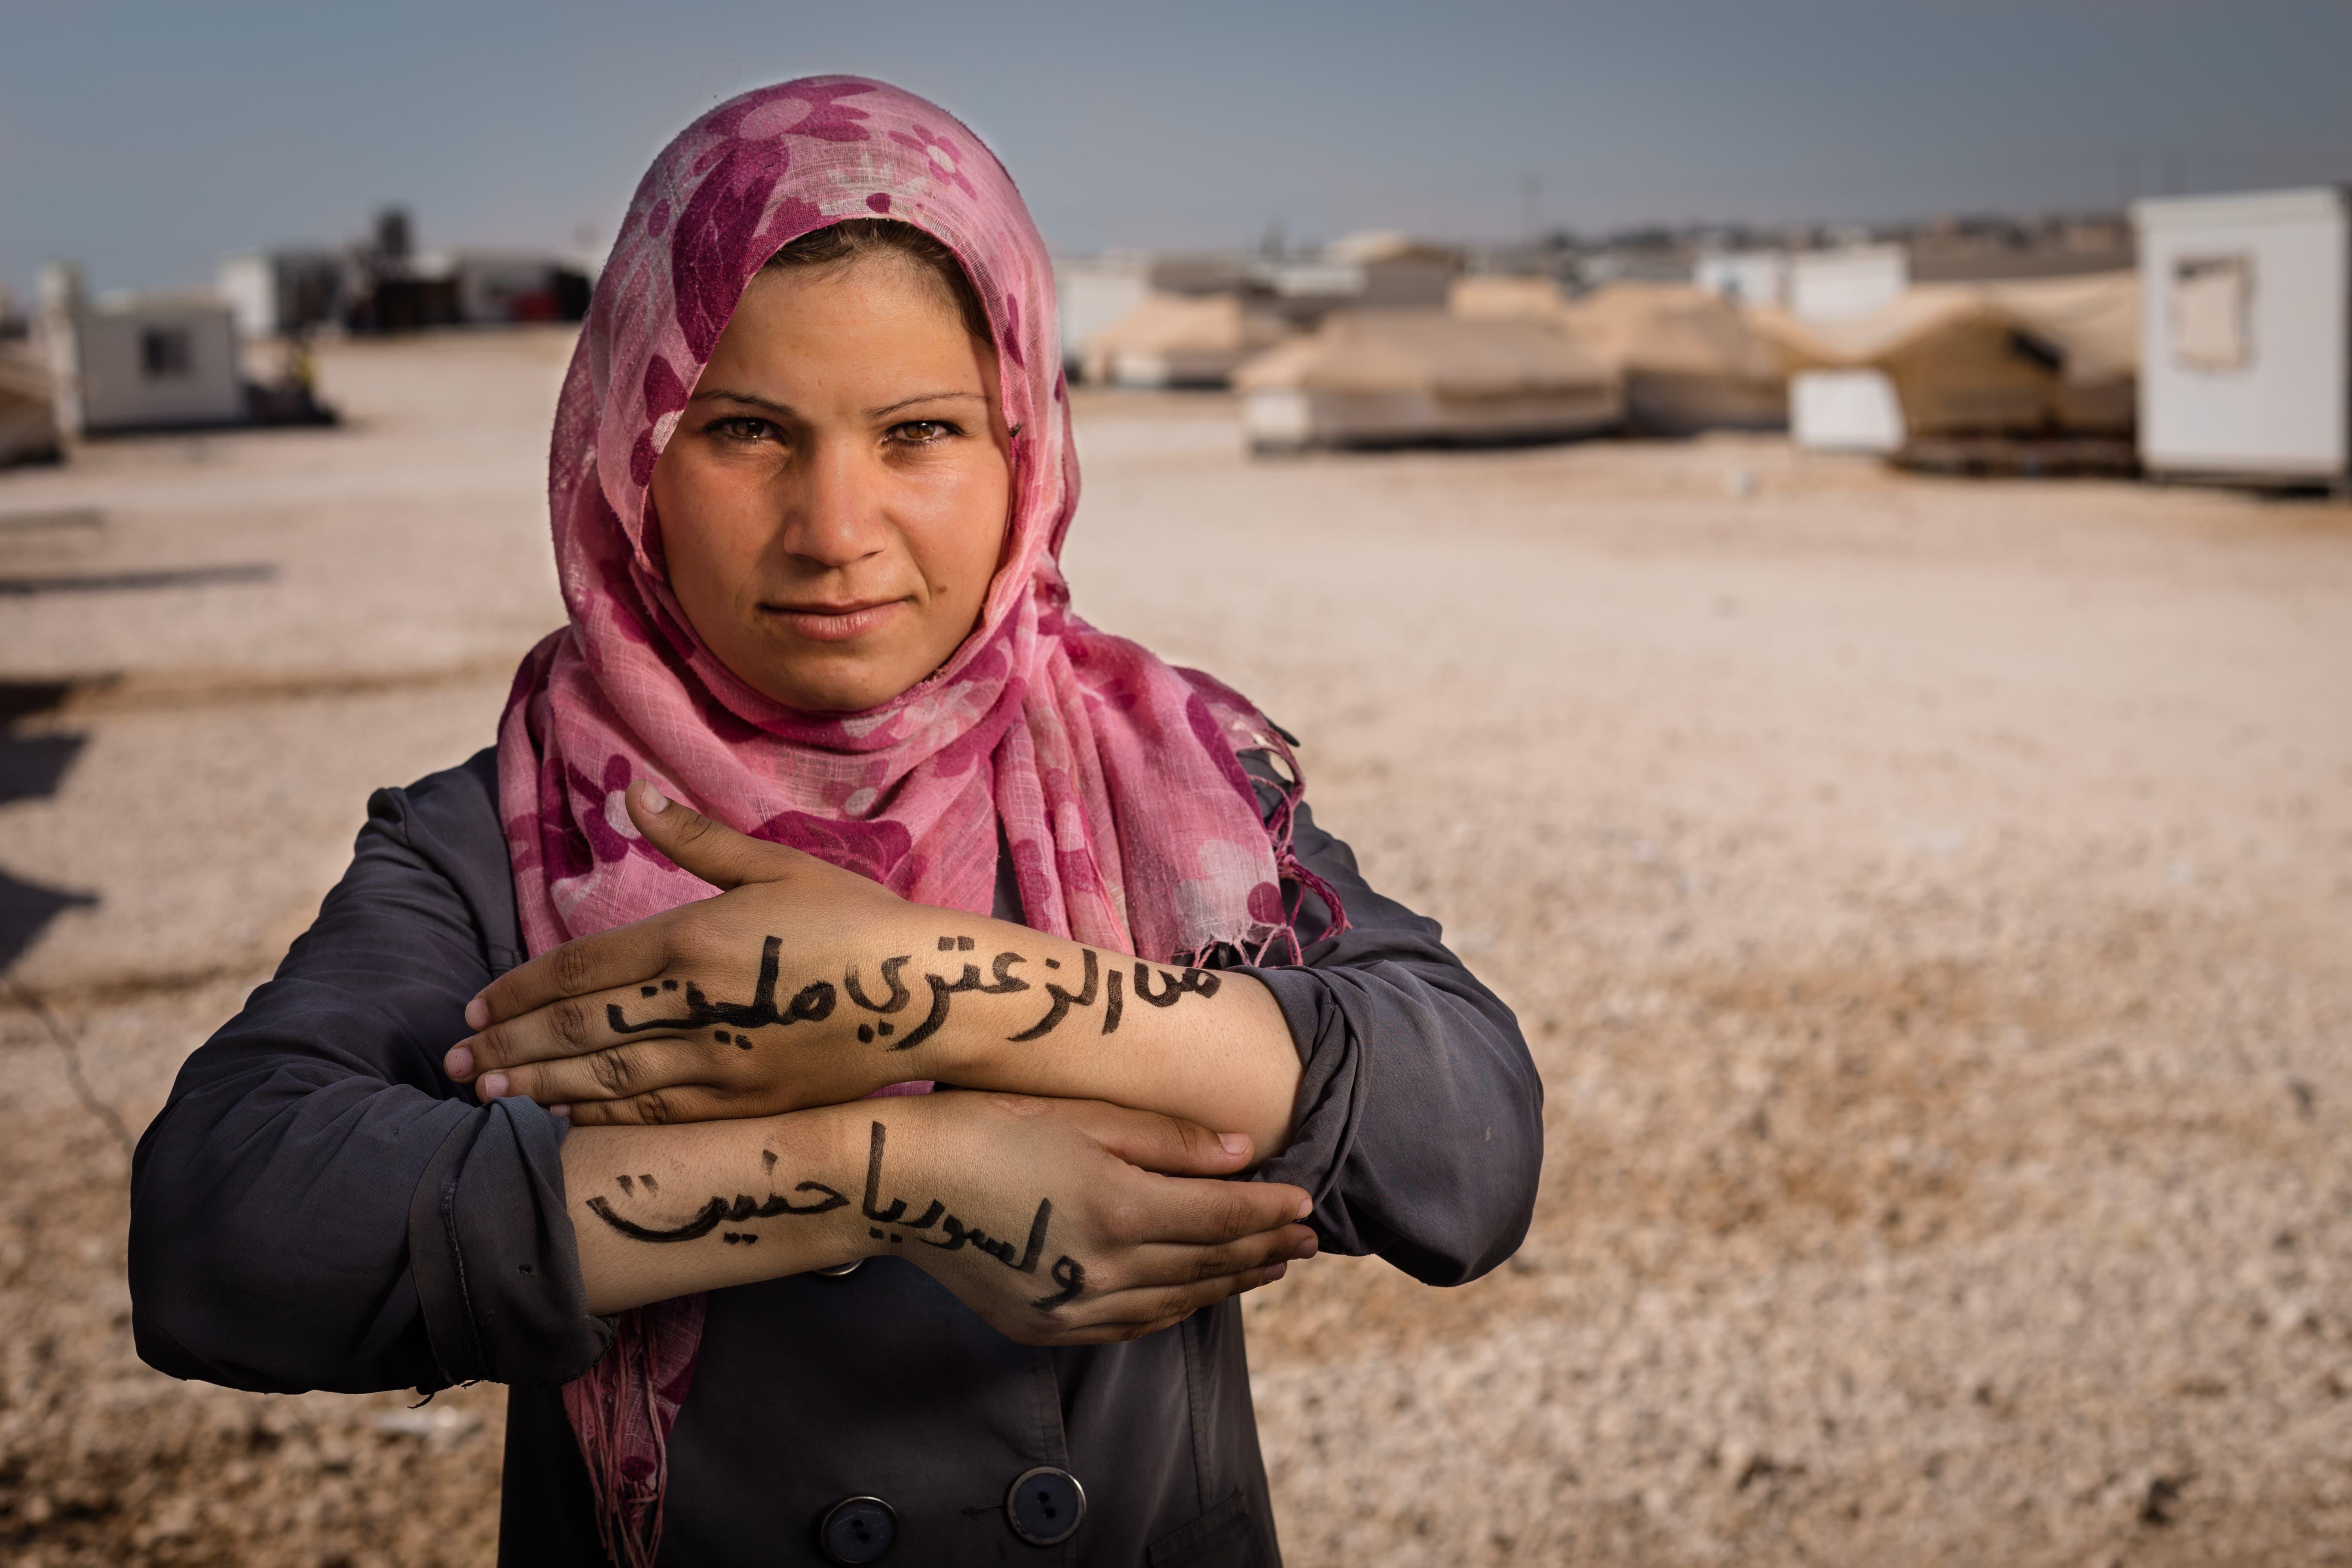 لاجئة من سوريا في مخيم الزعتري في الأردن